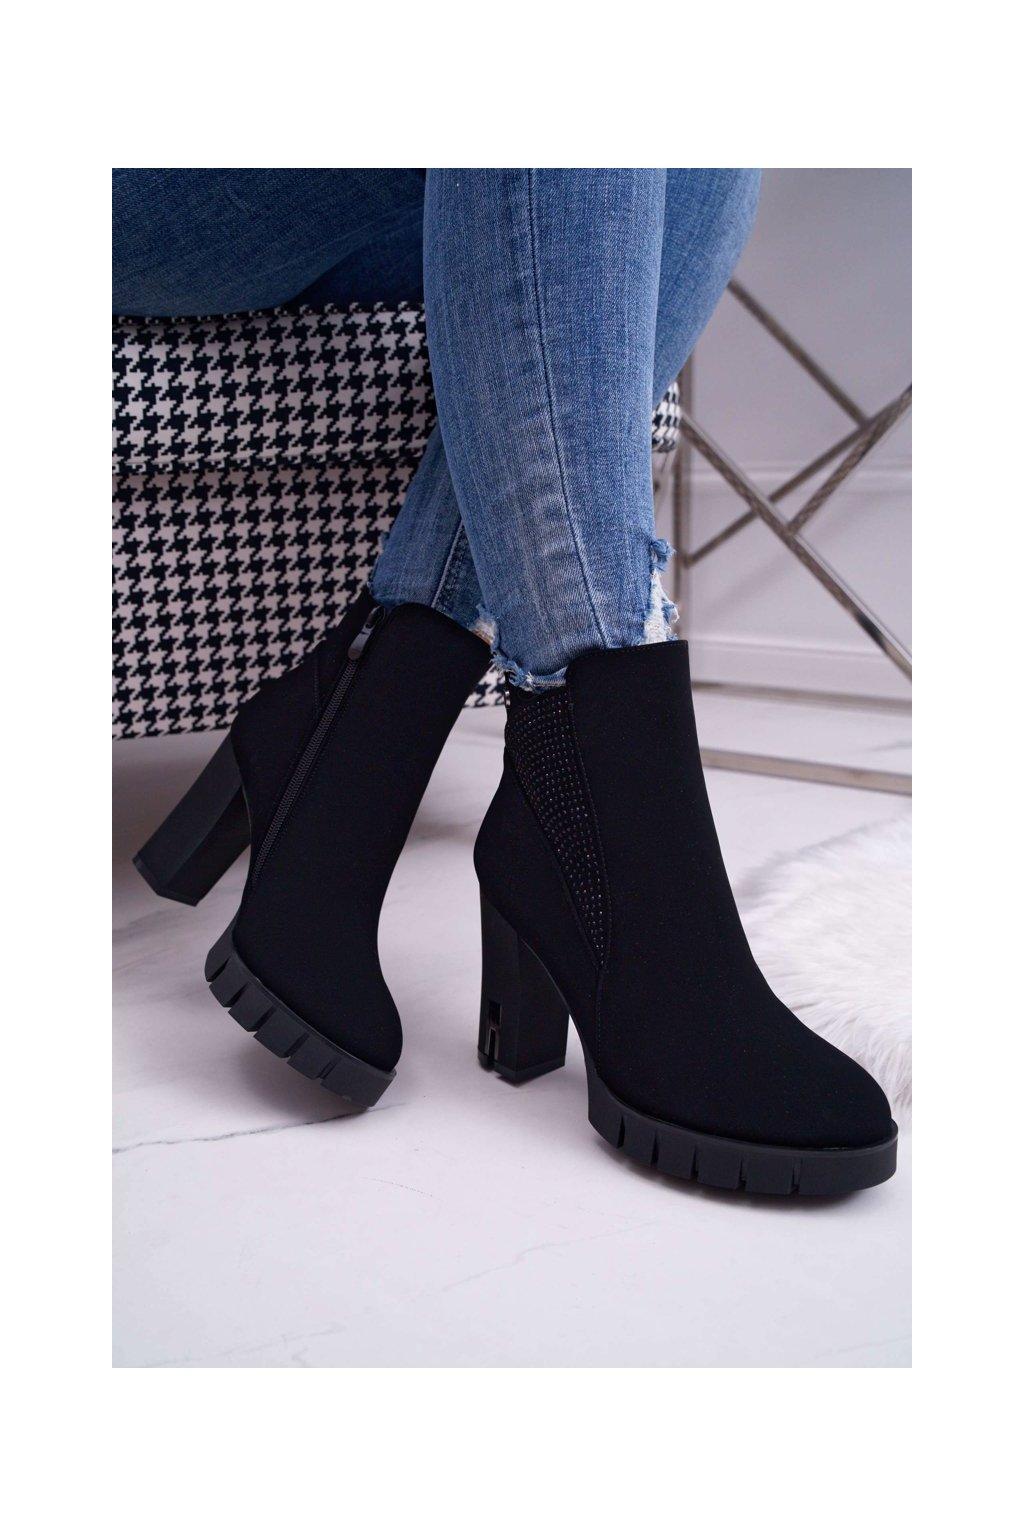 Dámske členkové topánky na podpätku so zirkónmi čierne Deren